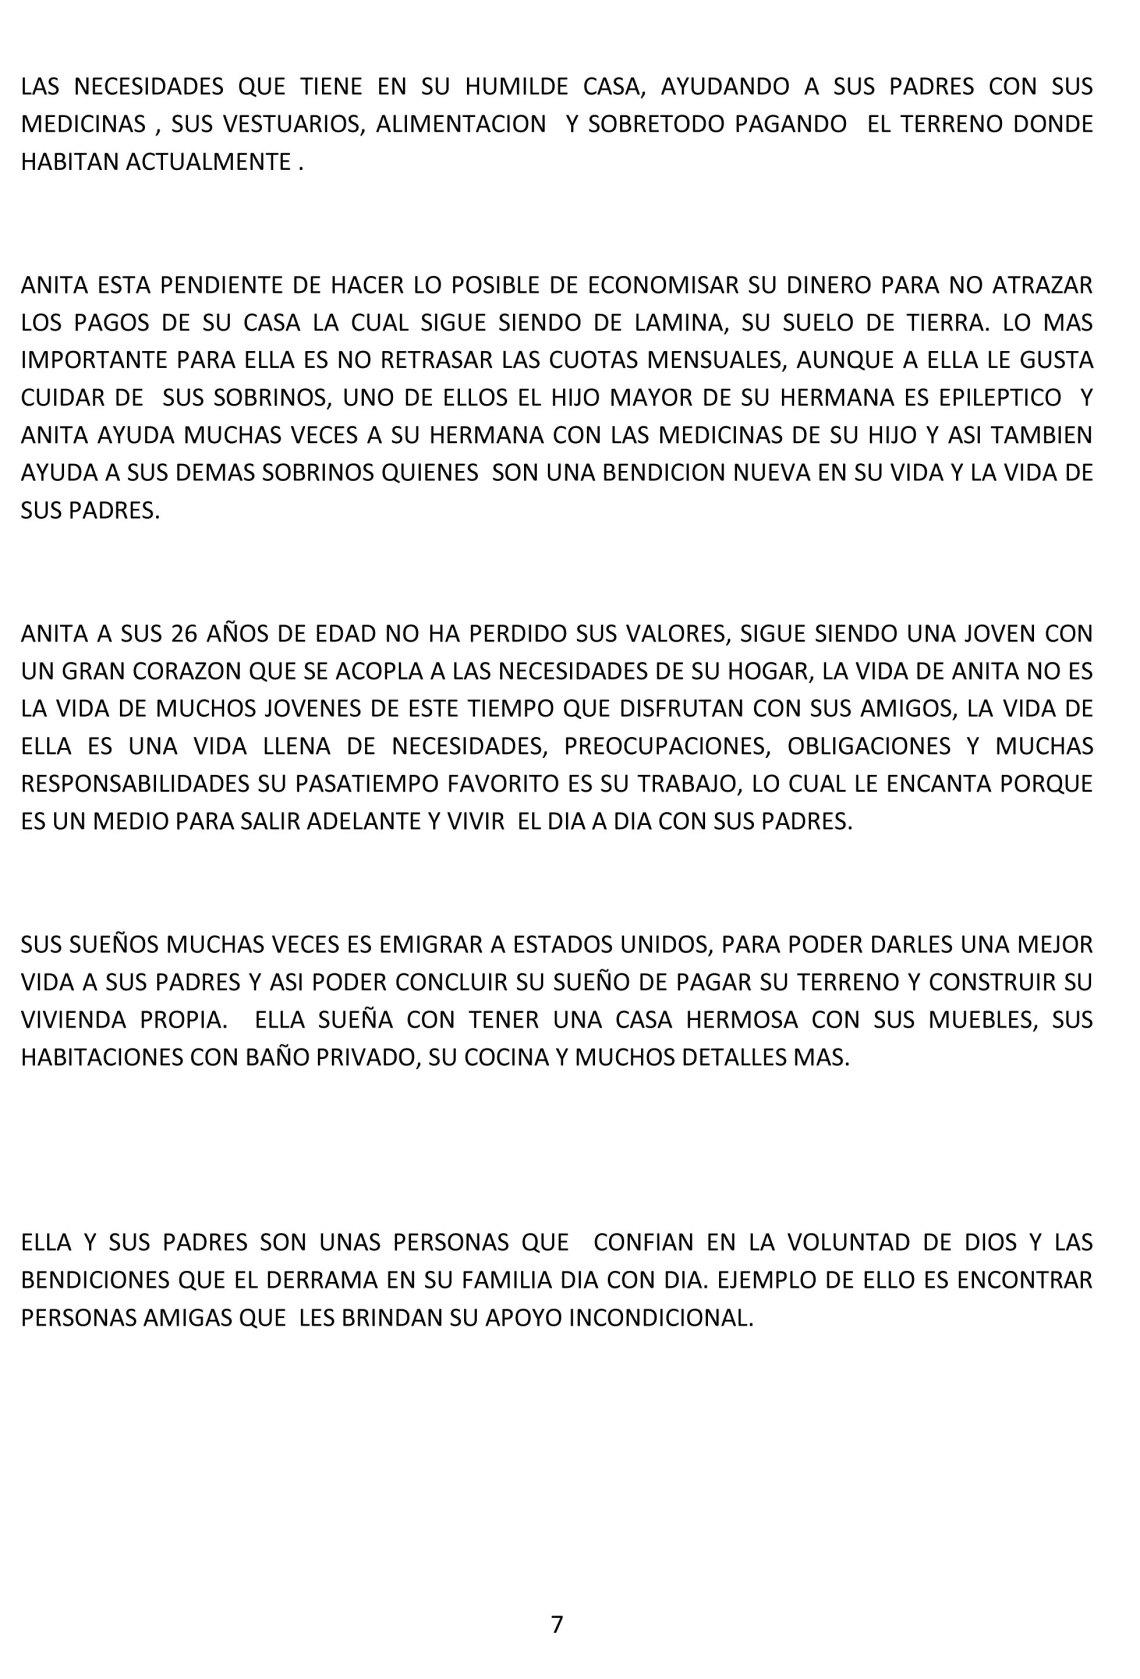 LA-HISTORIA-DE-ANITA-7